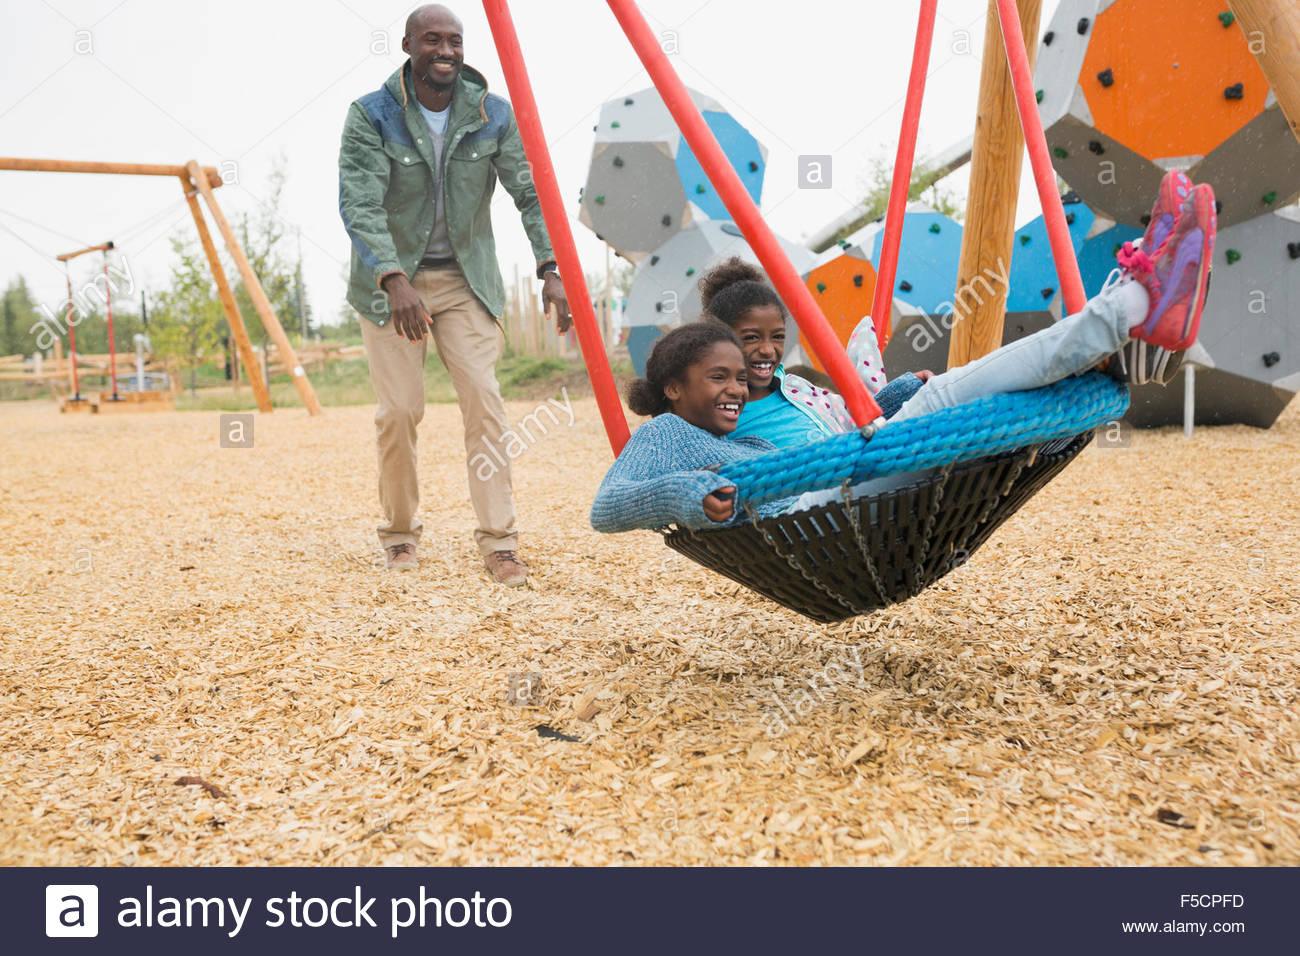 Père poussant leurs filles en swing au net jeux pour enfants Photo Stock